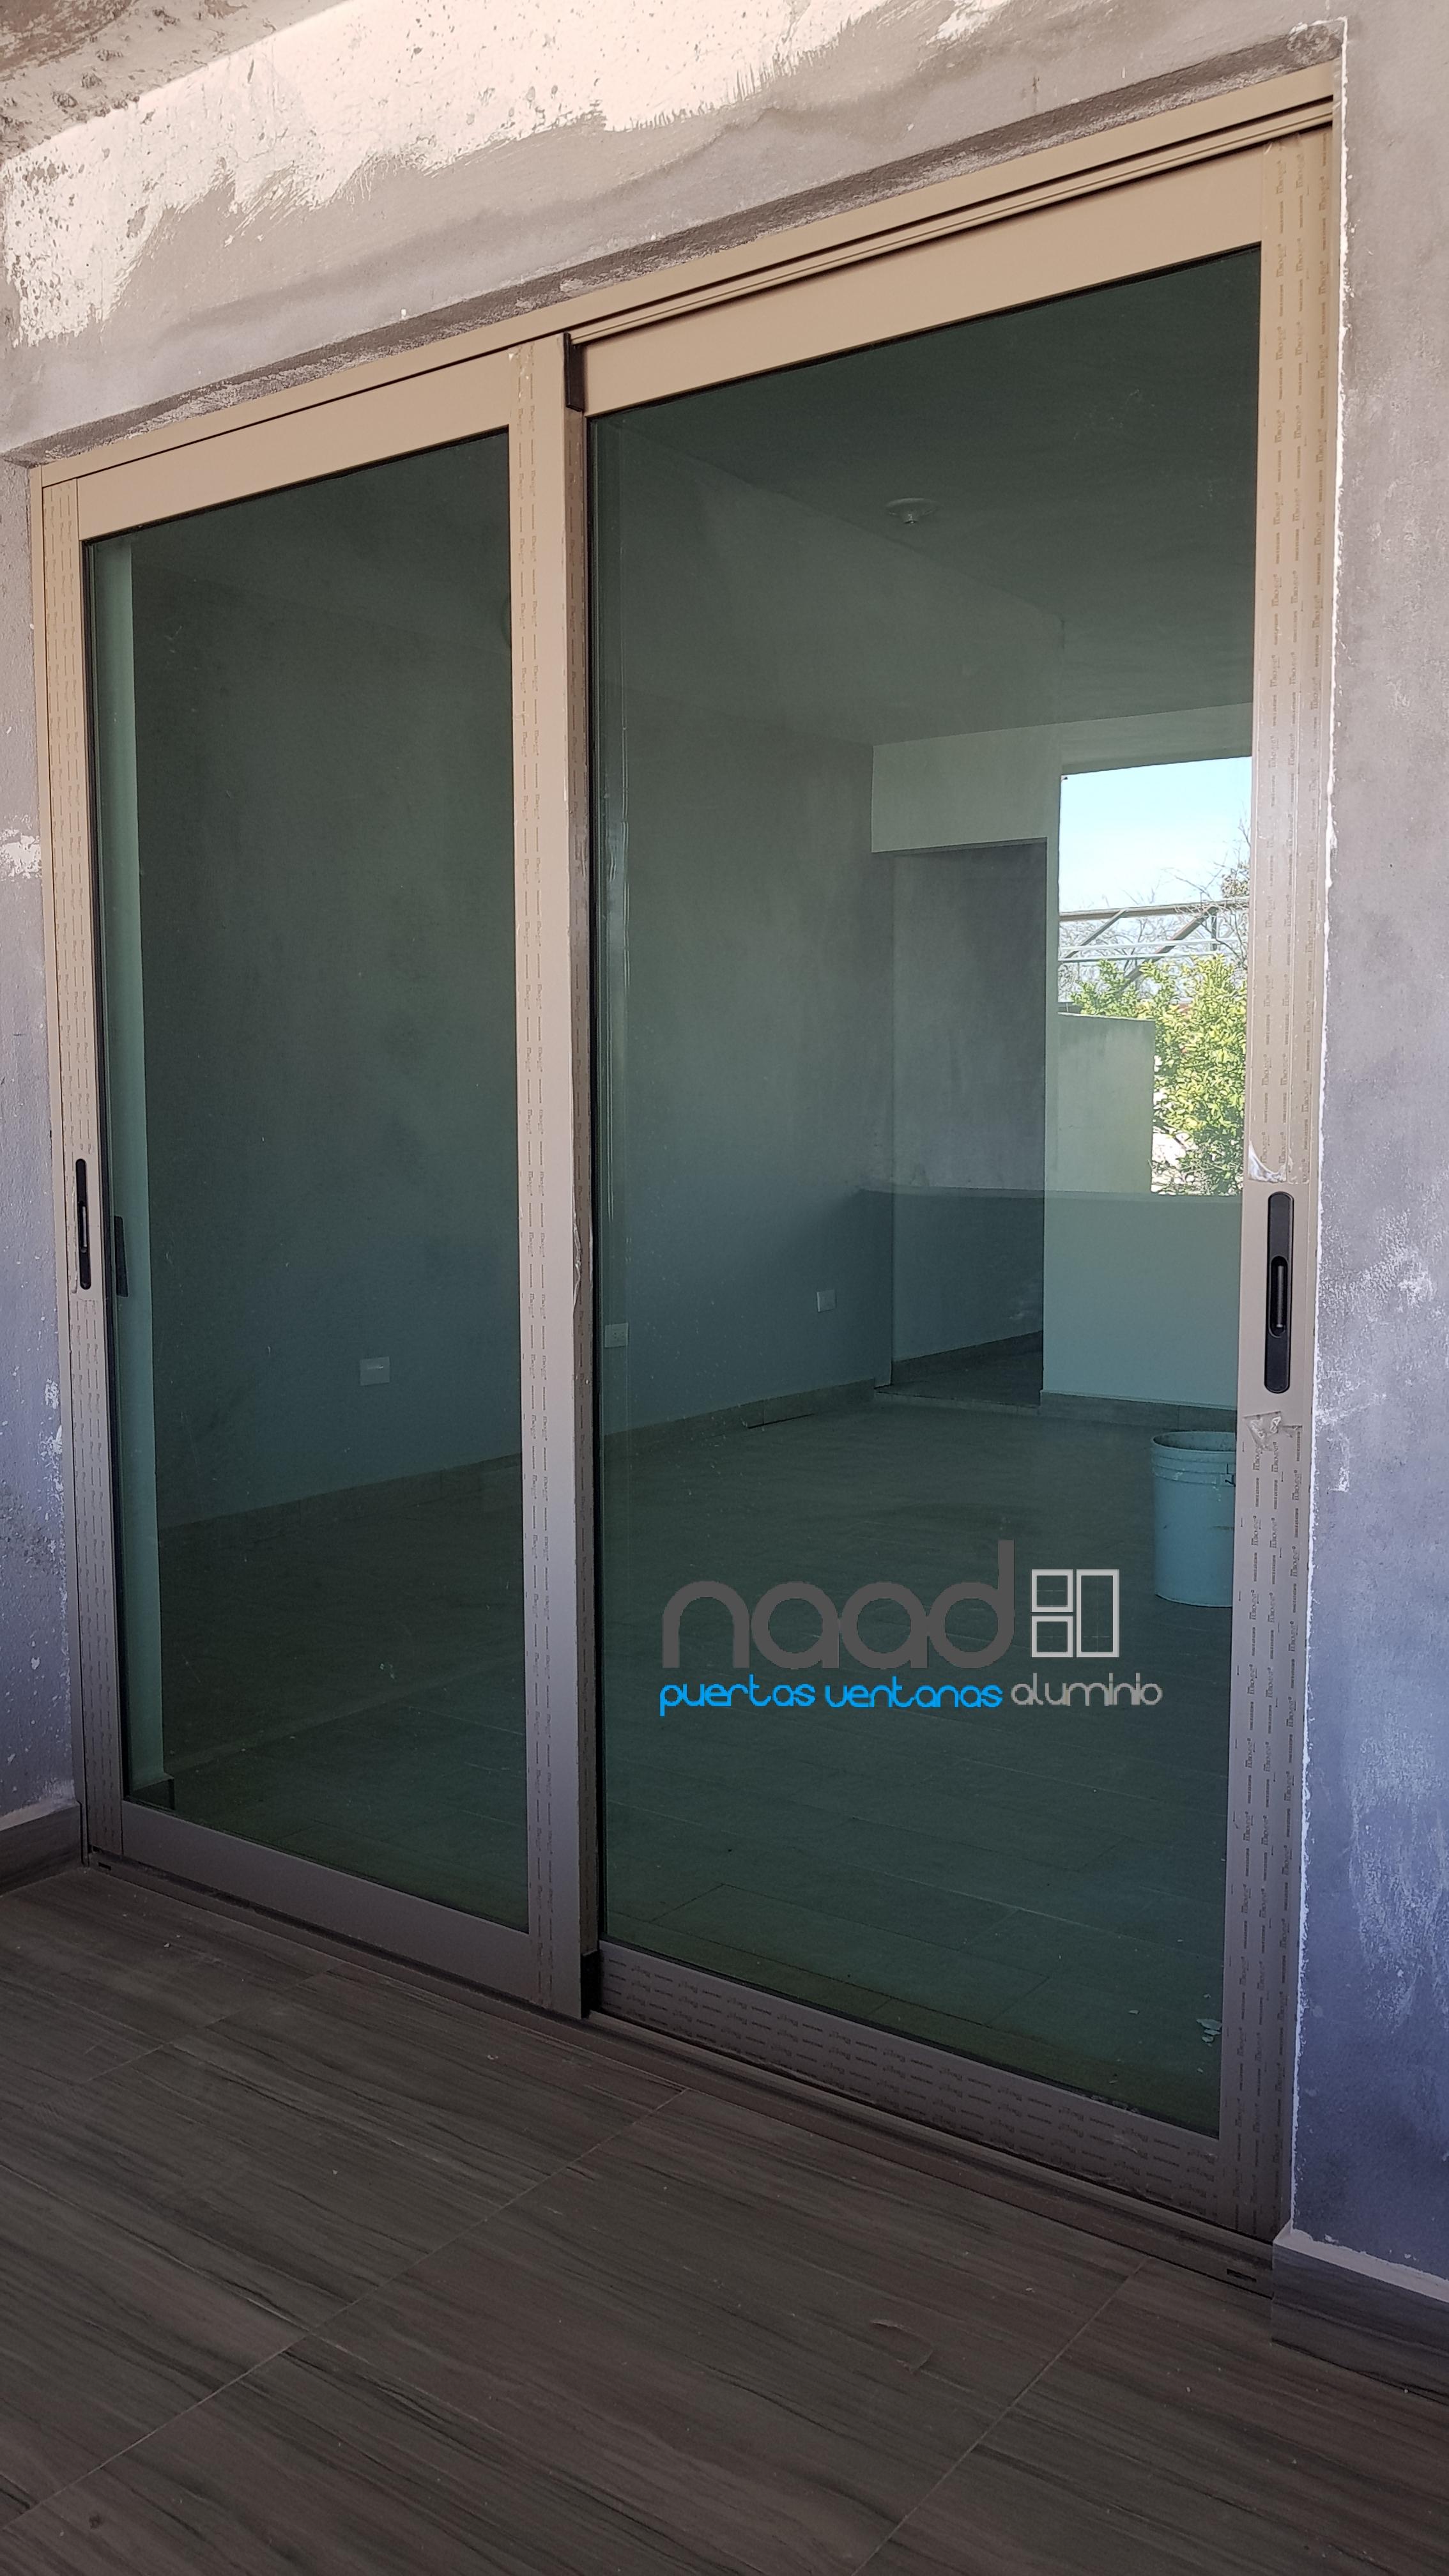 NAAD – Puertas y Ventanas de Aluminio